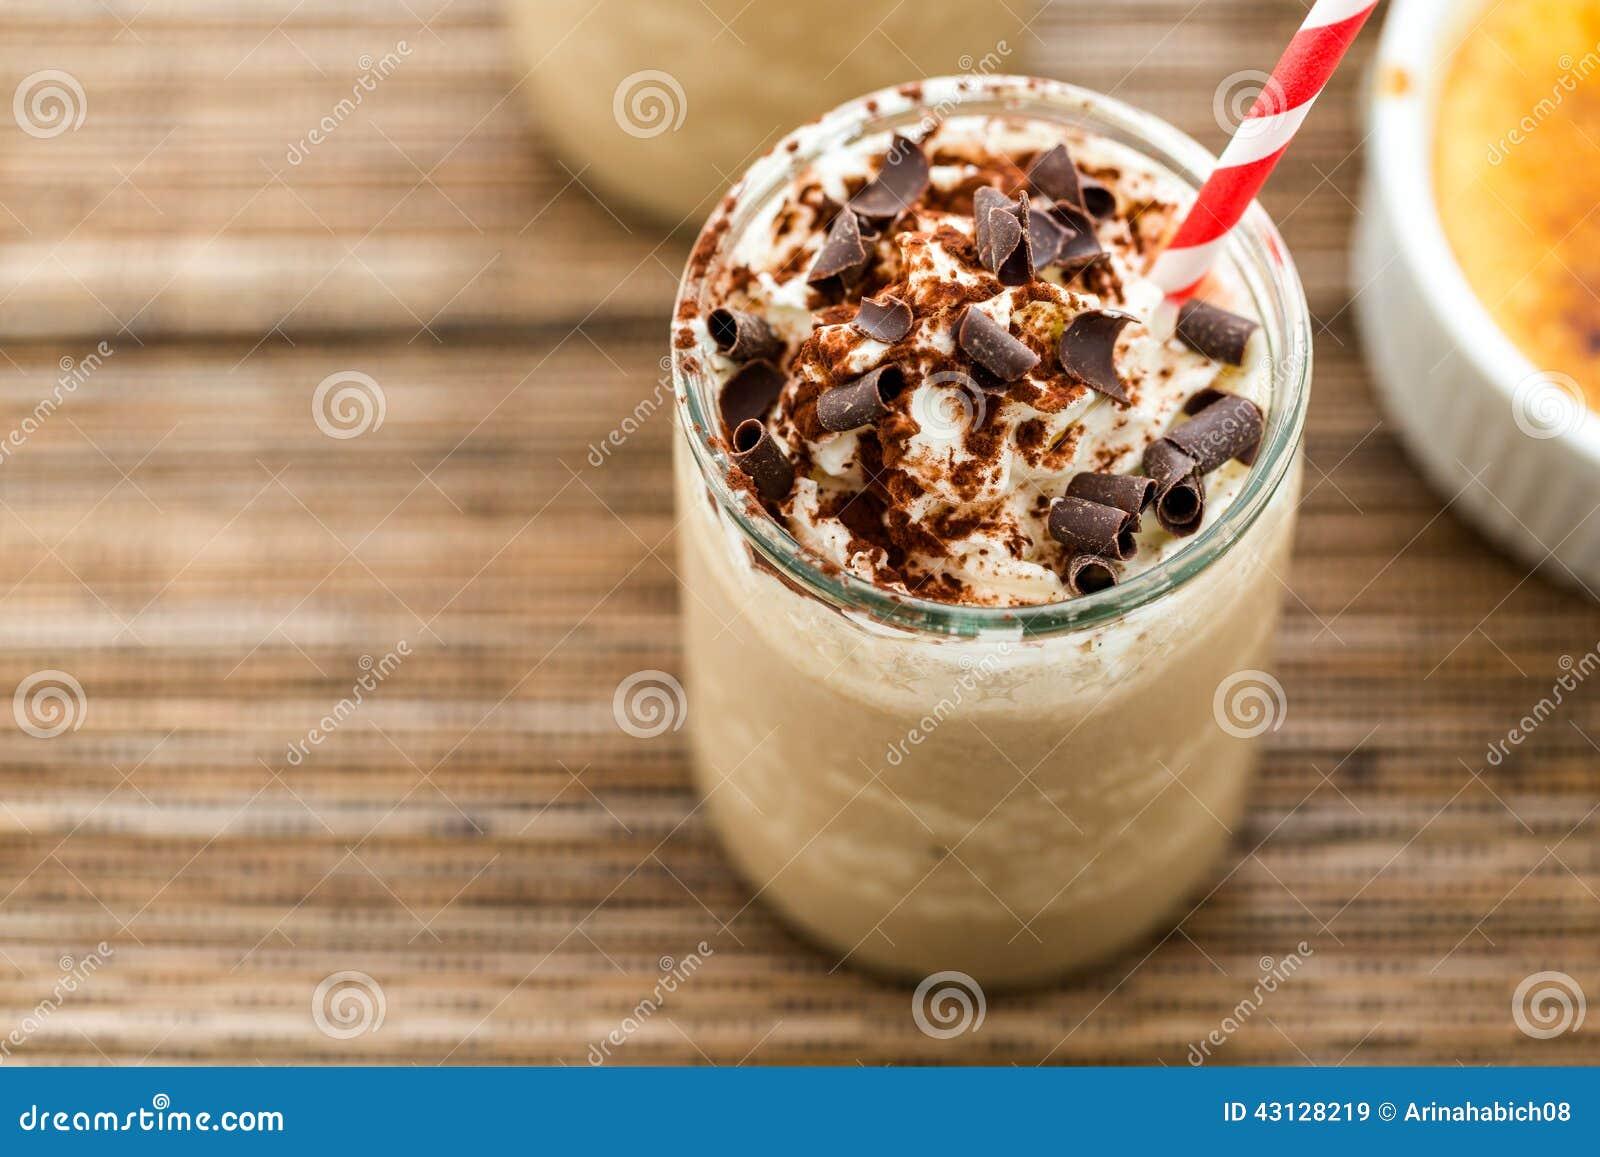 cafe creme brulee cold drink stock image image of expresso sugary 43128219. Black Bedroom Furniture Sets. Home Design Ideas